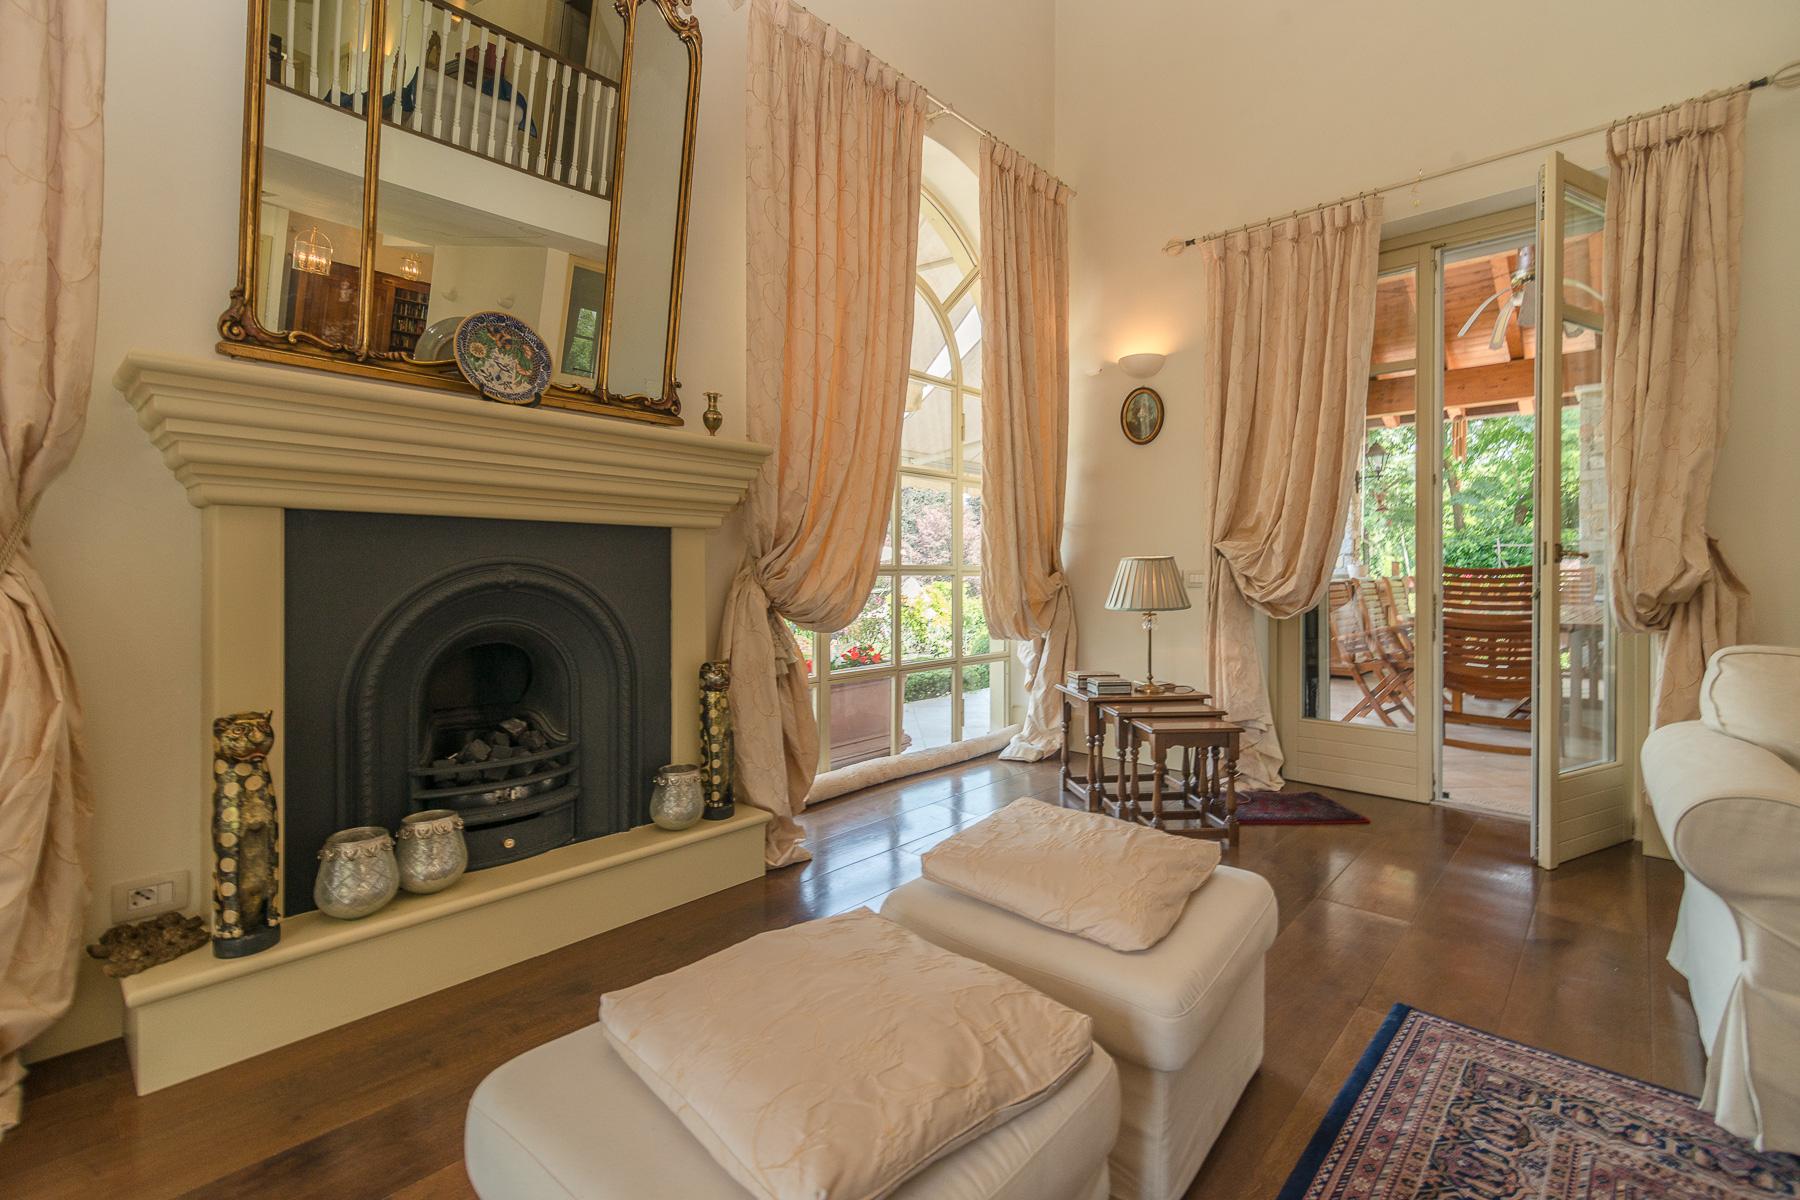 Villa in Vendita a Besozzo: 5 locali, 426 mq - Foto 7